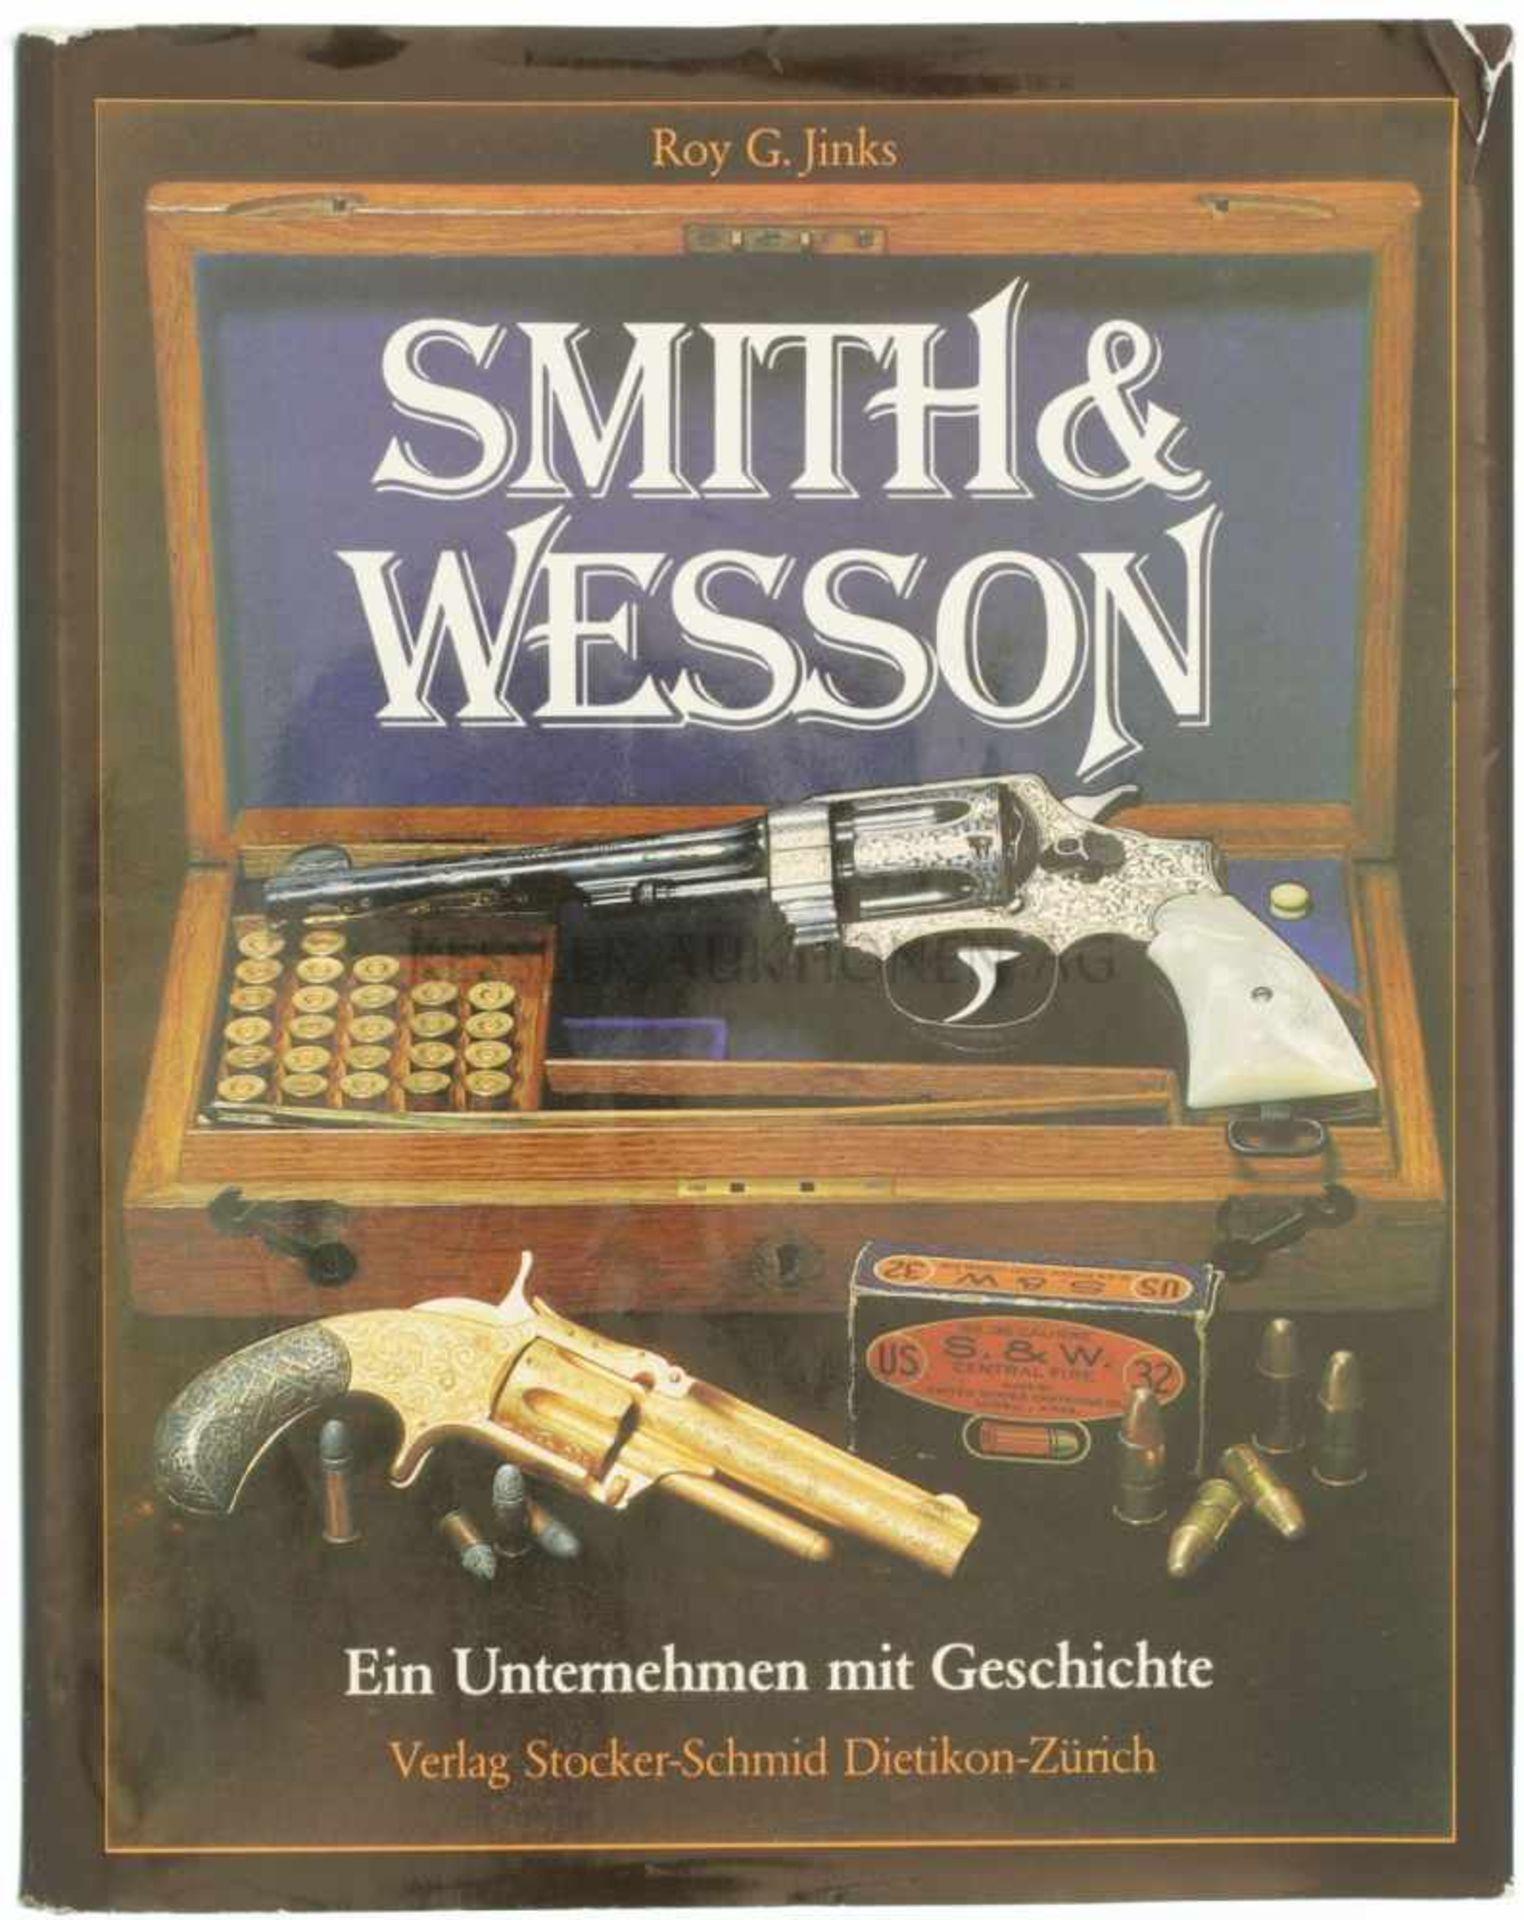 Smith & Wesson, ein Unternehmen mit Geschichte Autor Roy G. Jinks, Verlag Stocker-Schmid Dietikon-